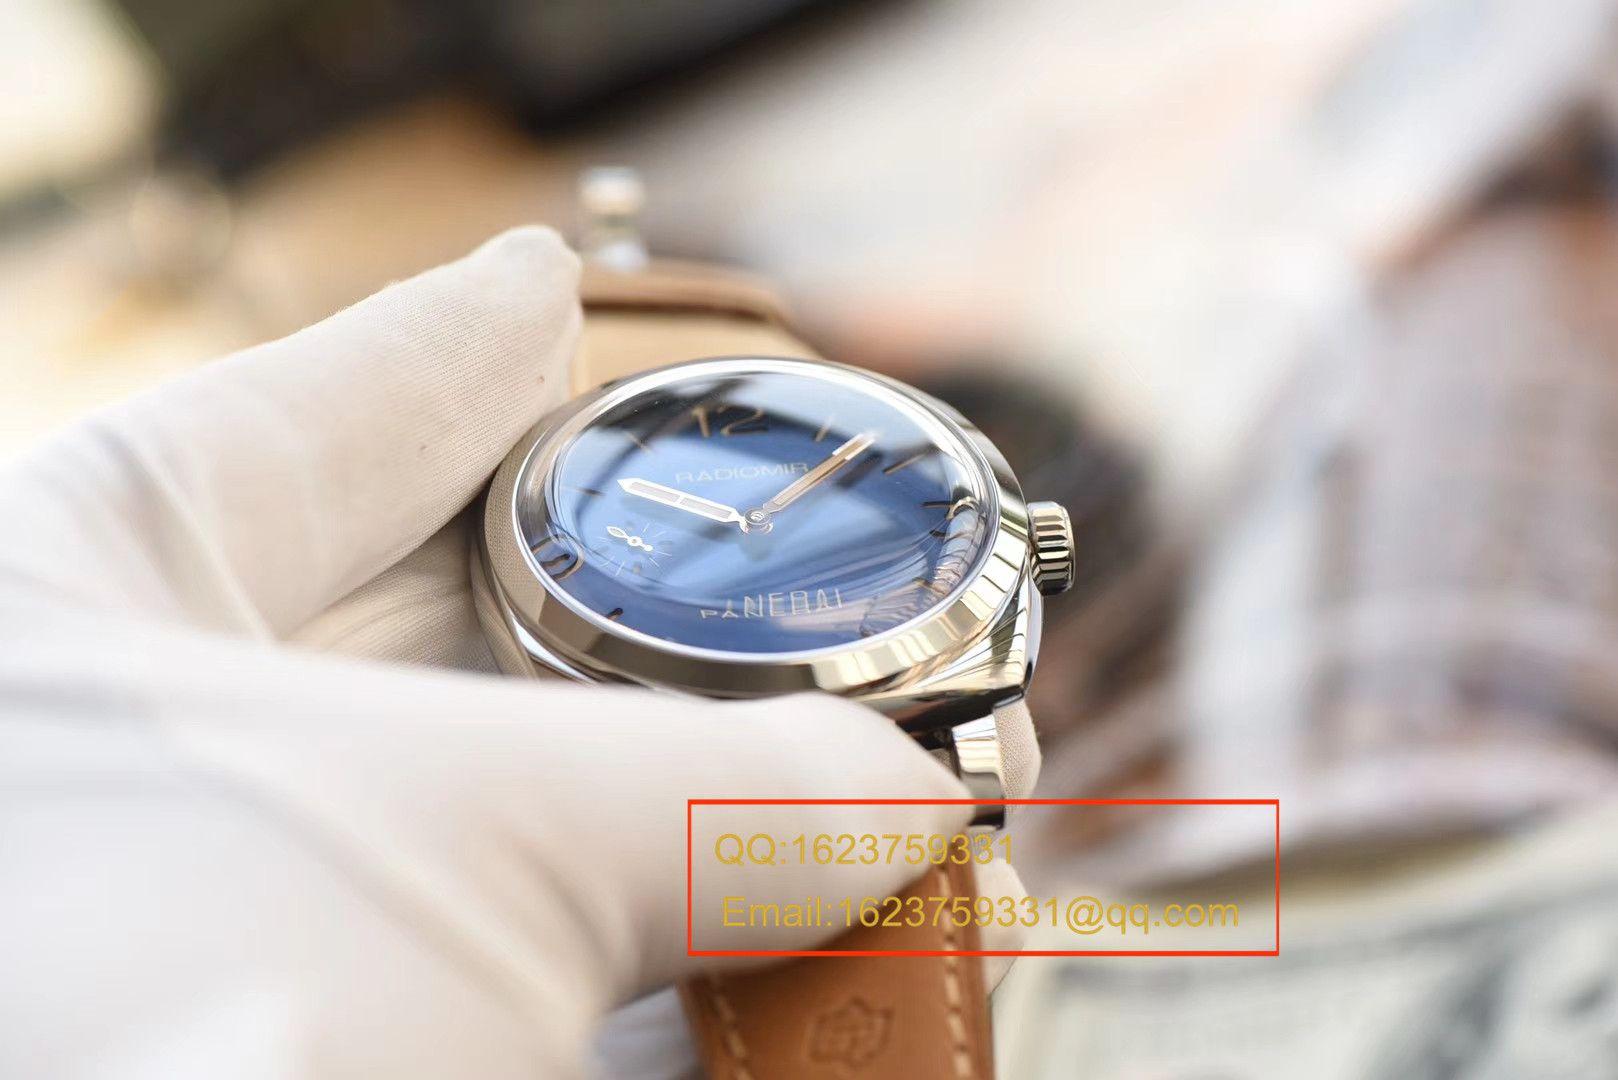 【视频评测SF1:1超A高仿手表】沛纳海2015年新款蓝面PAM00690腕表 / PAMBB00690